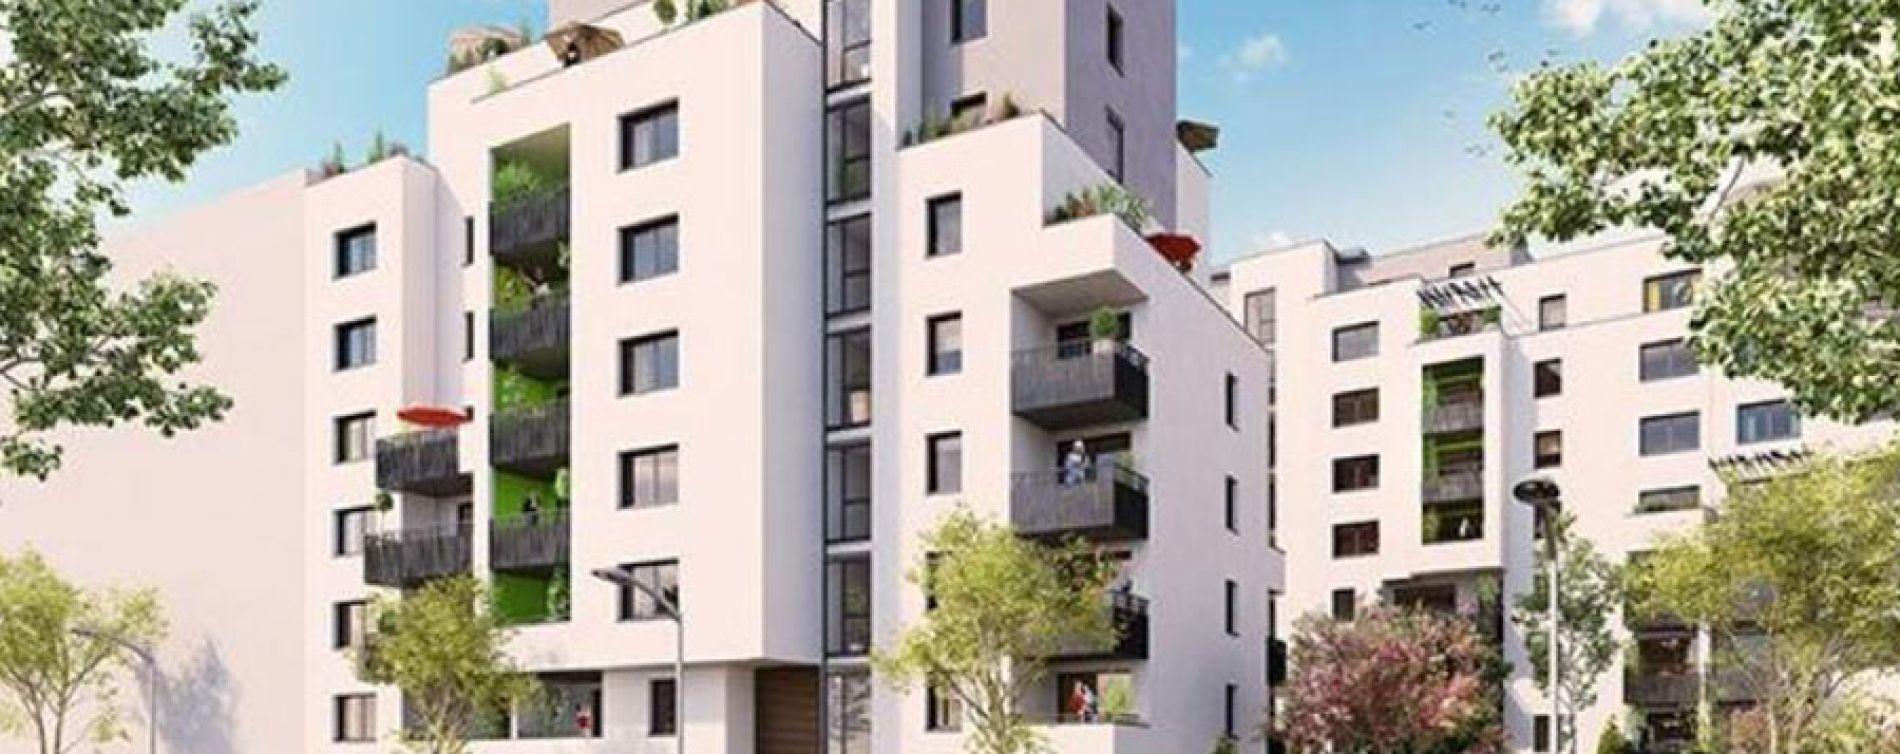 Résidence Le Vertuose 2  à Metz